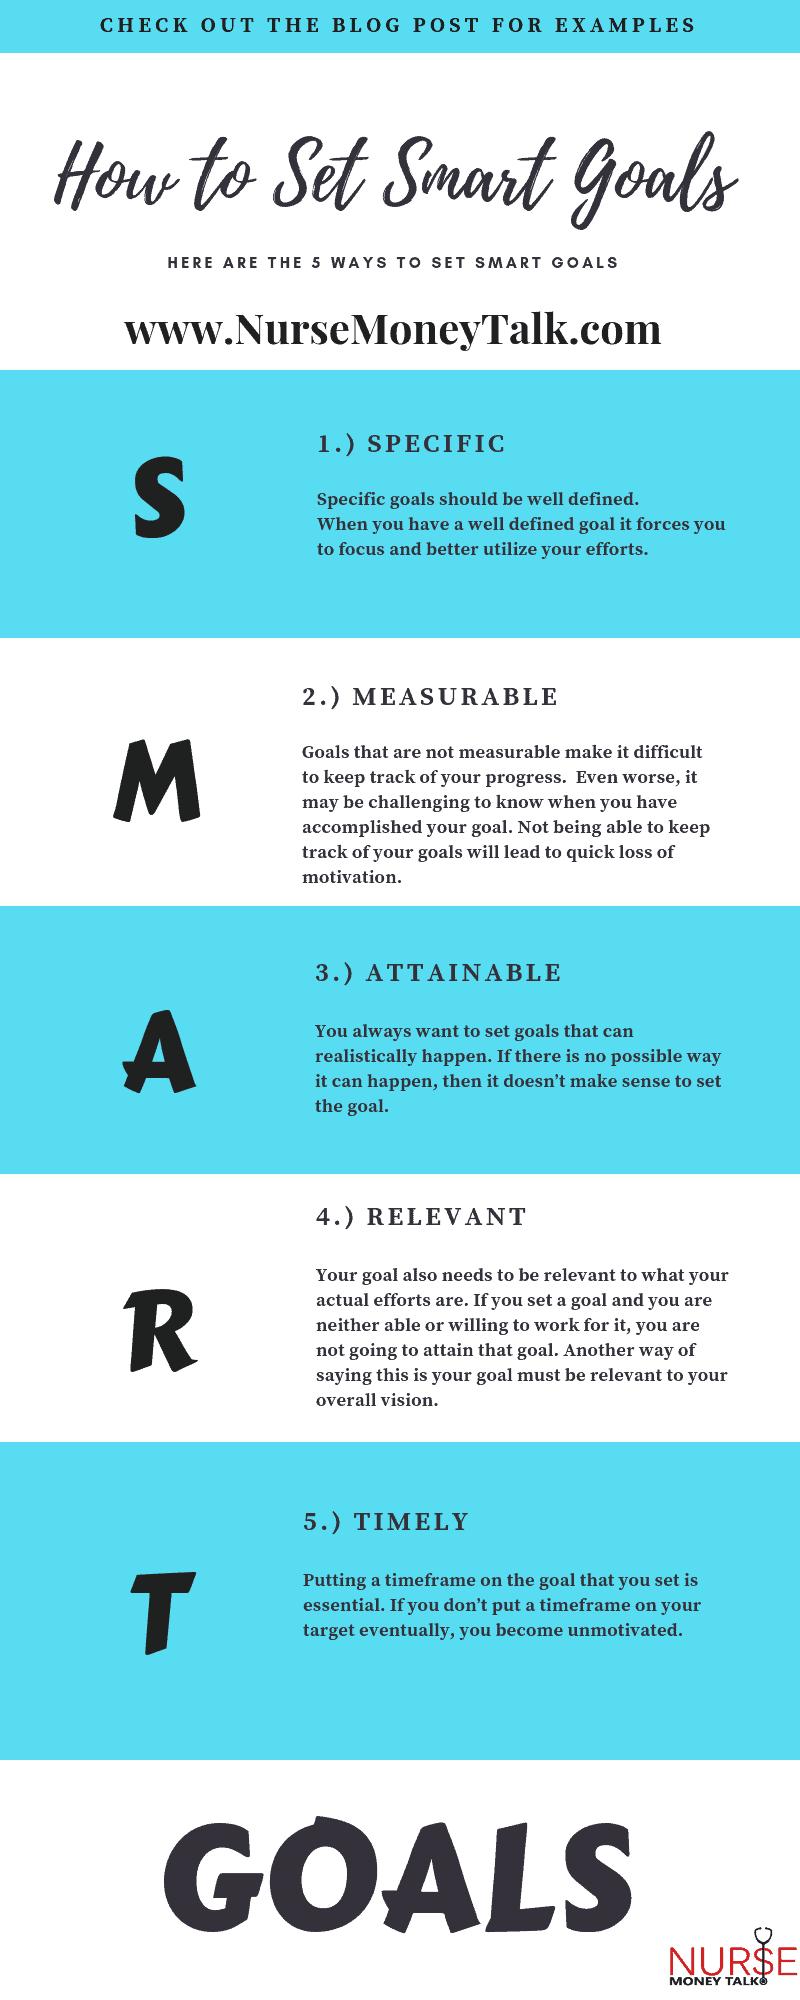 How to Set SMART Goals in Nursing - Nurse Money Talk